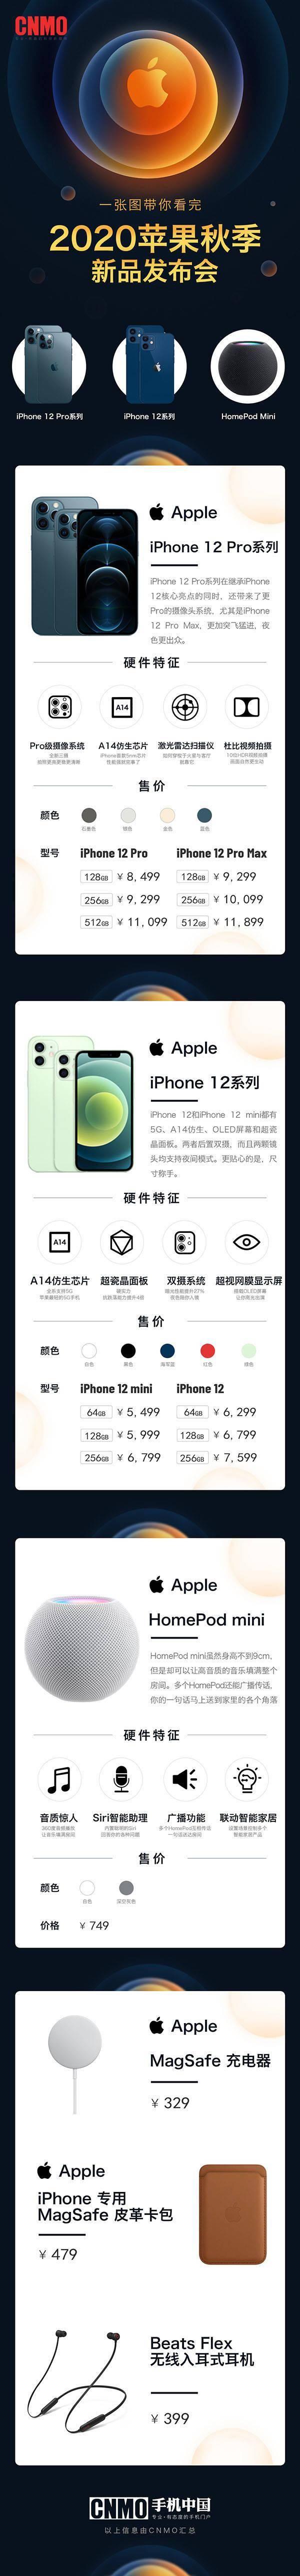 一张图看懂苹果秋季新品发布会 四款iPhone 12你选谁